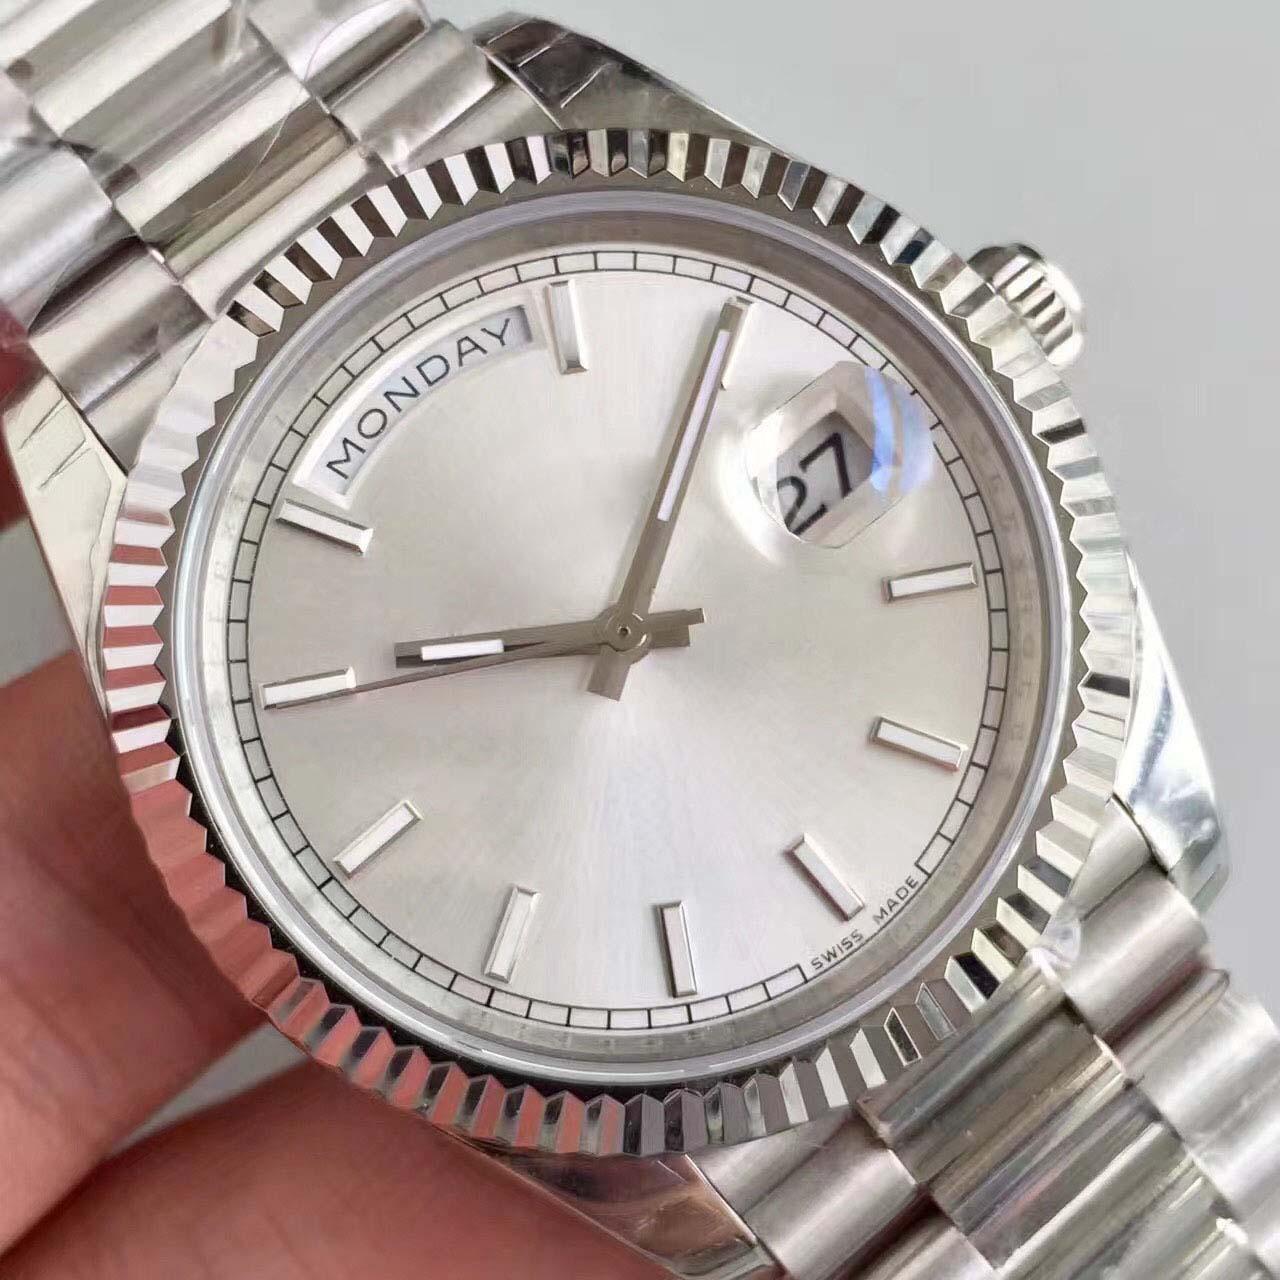 Luxus Herrenuhren mit Datum 41mm hochwertige automatische mechanische Designer Man Casual Watch Edelstahl Montre Armbanduhren